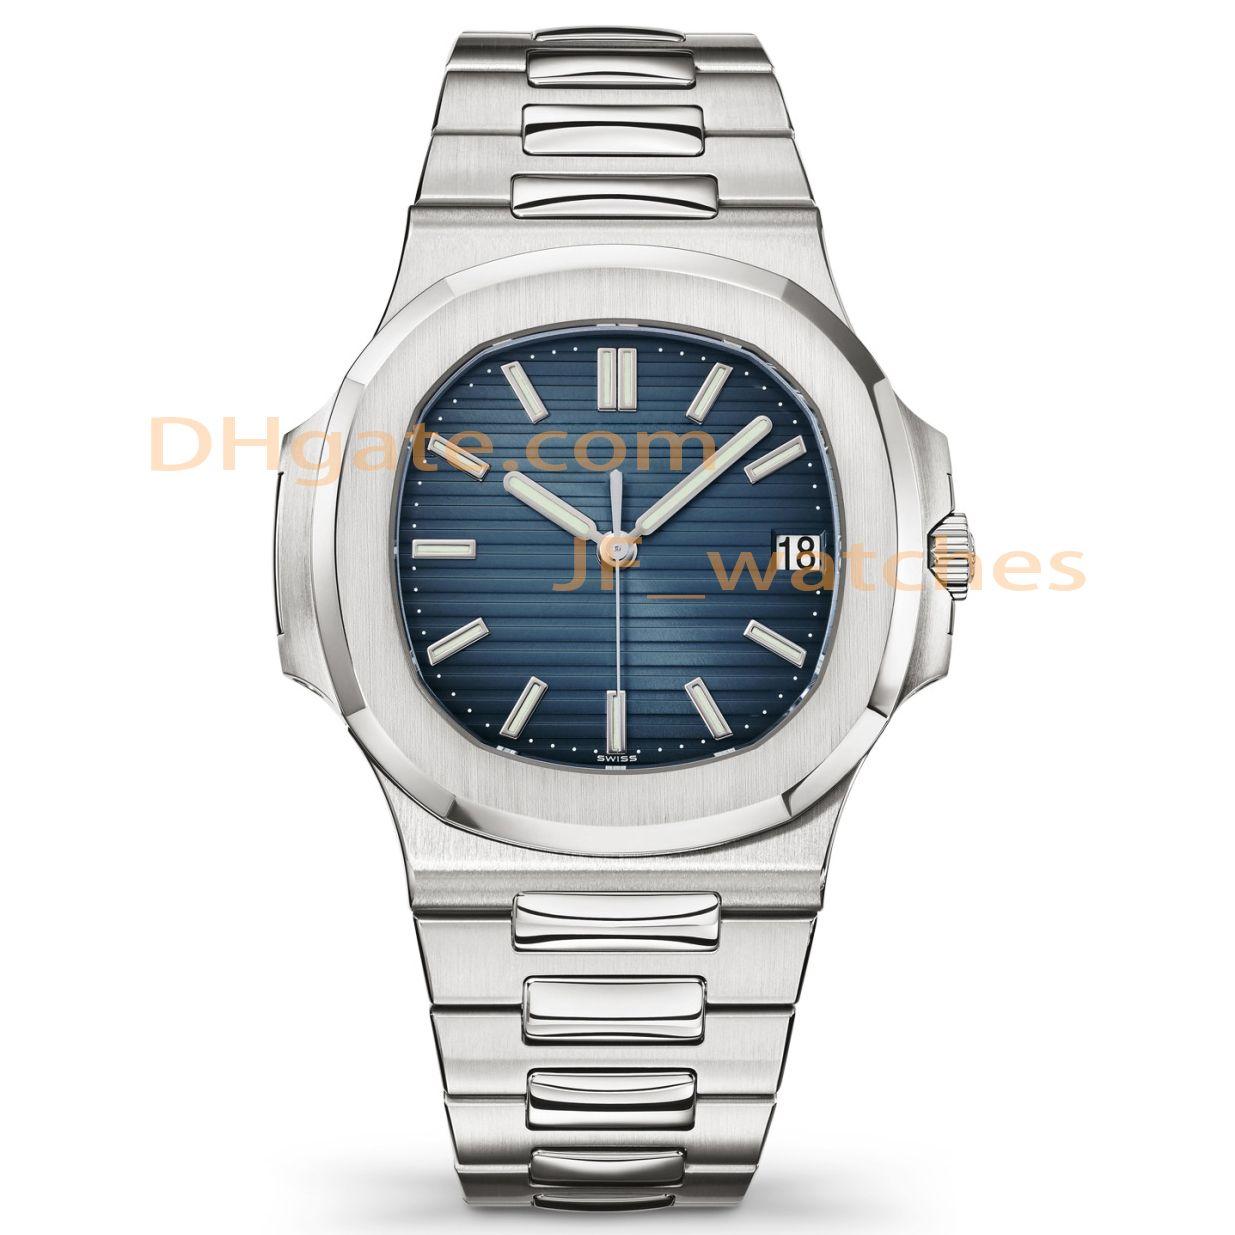 Calendario Hombres relojes de alta calidad superior maquinaria automática Deportes 2813 Movimiento relojes de acero inoxidable resistente al agua 30M luminoso reloj de pulsera